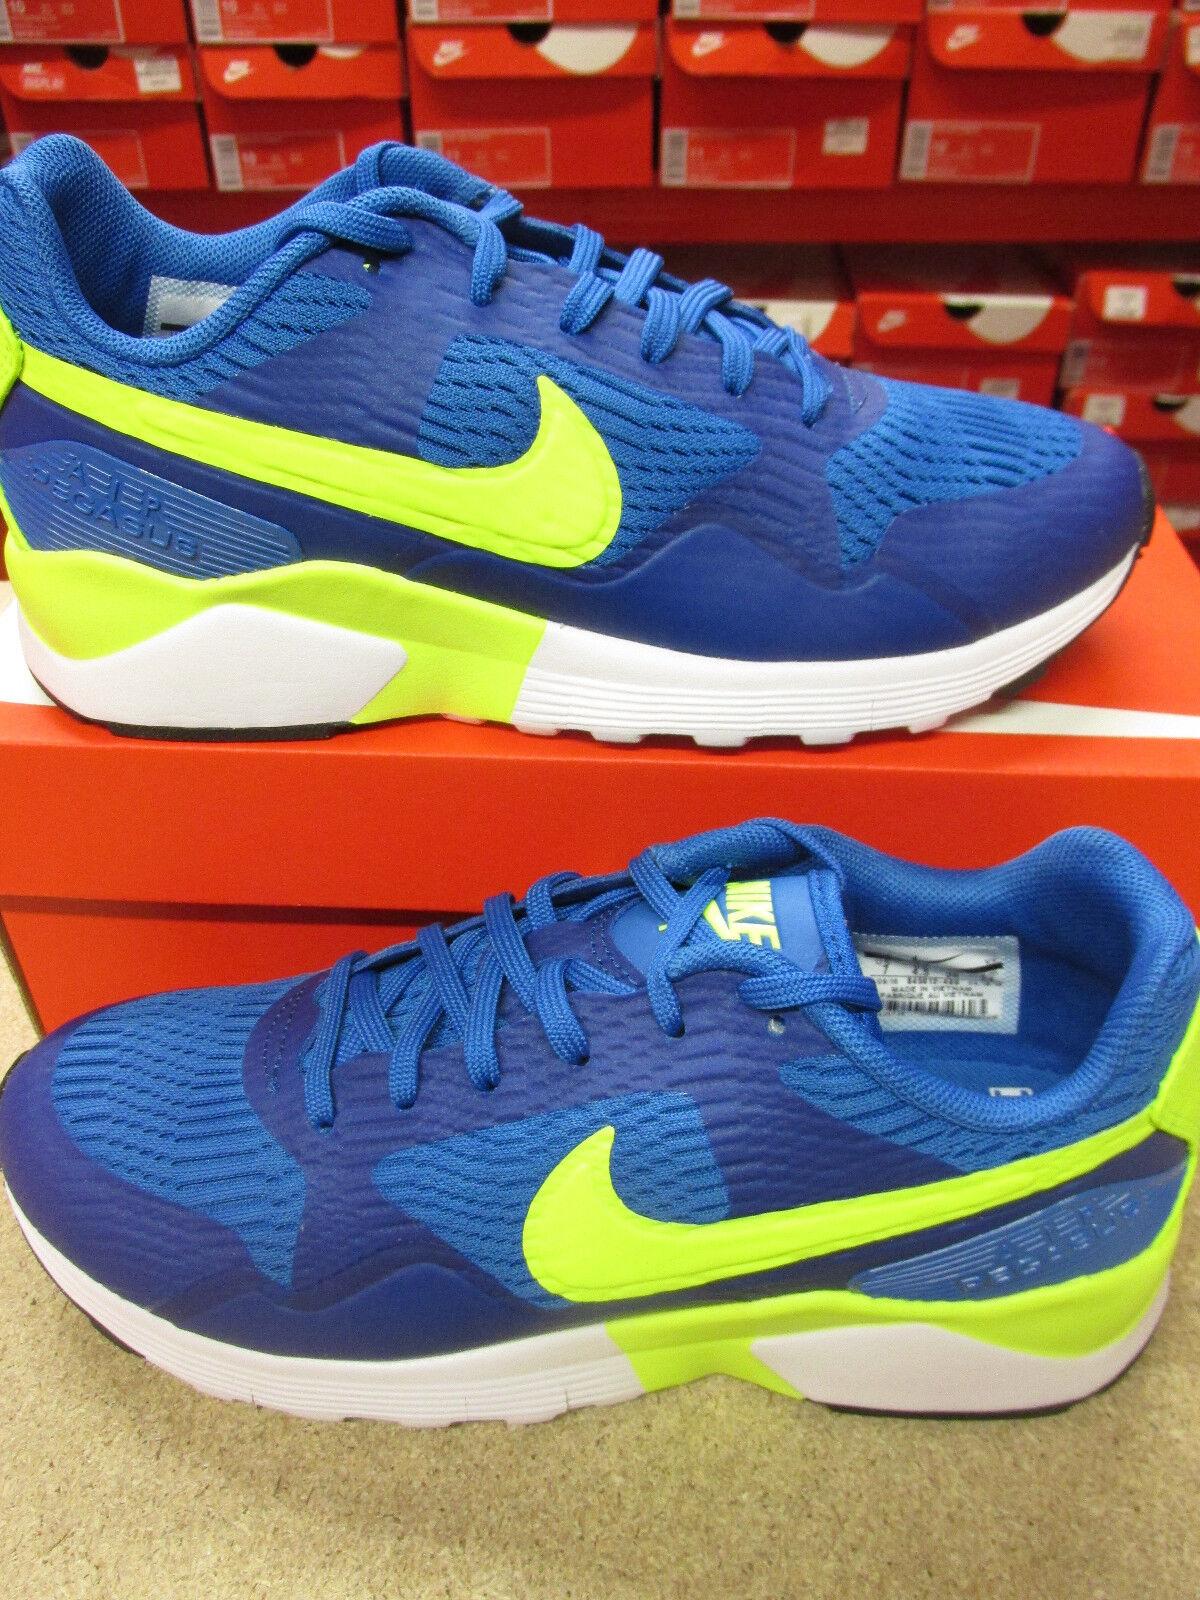 Nike damen Air Pegasus 92 16 Running Trainers 845012 400 Turnschuhe schuhe